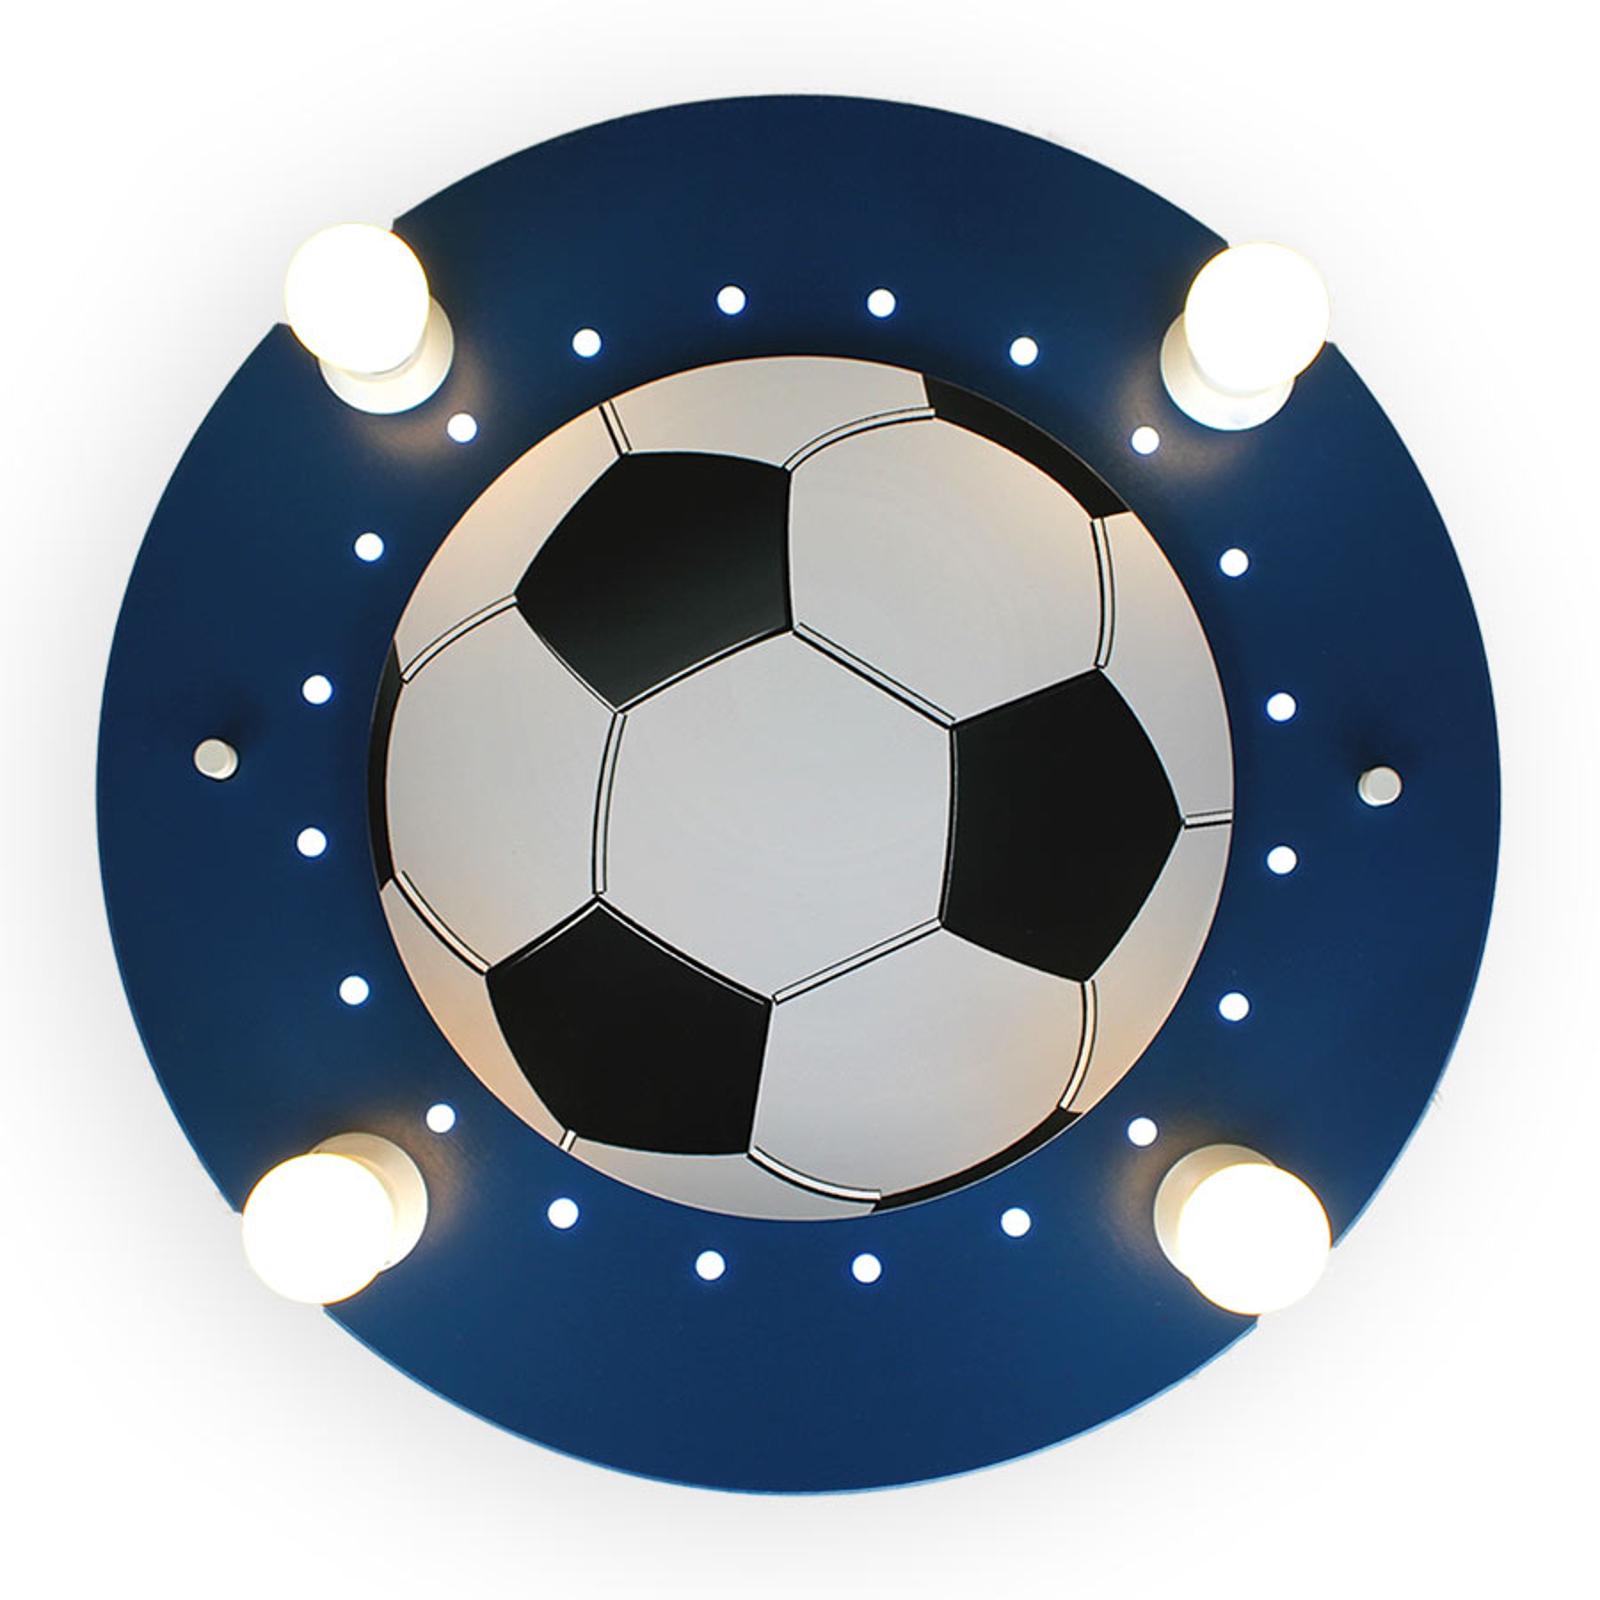 Taklampa Fotboll, 4 lampor mörkblå-vit